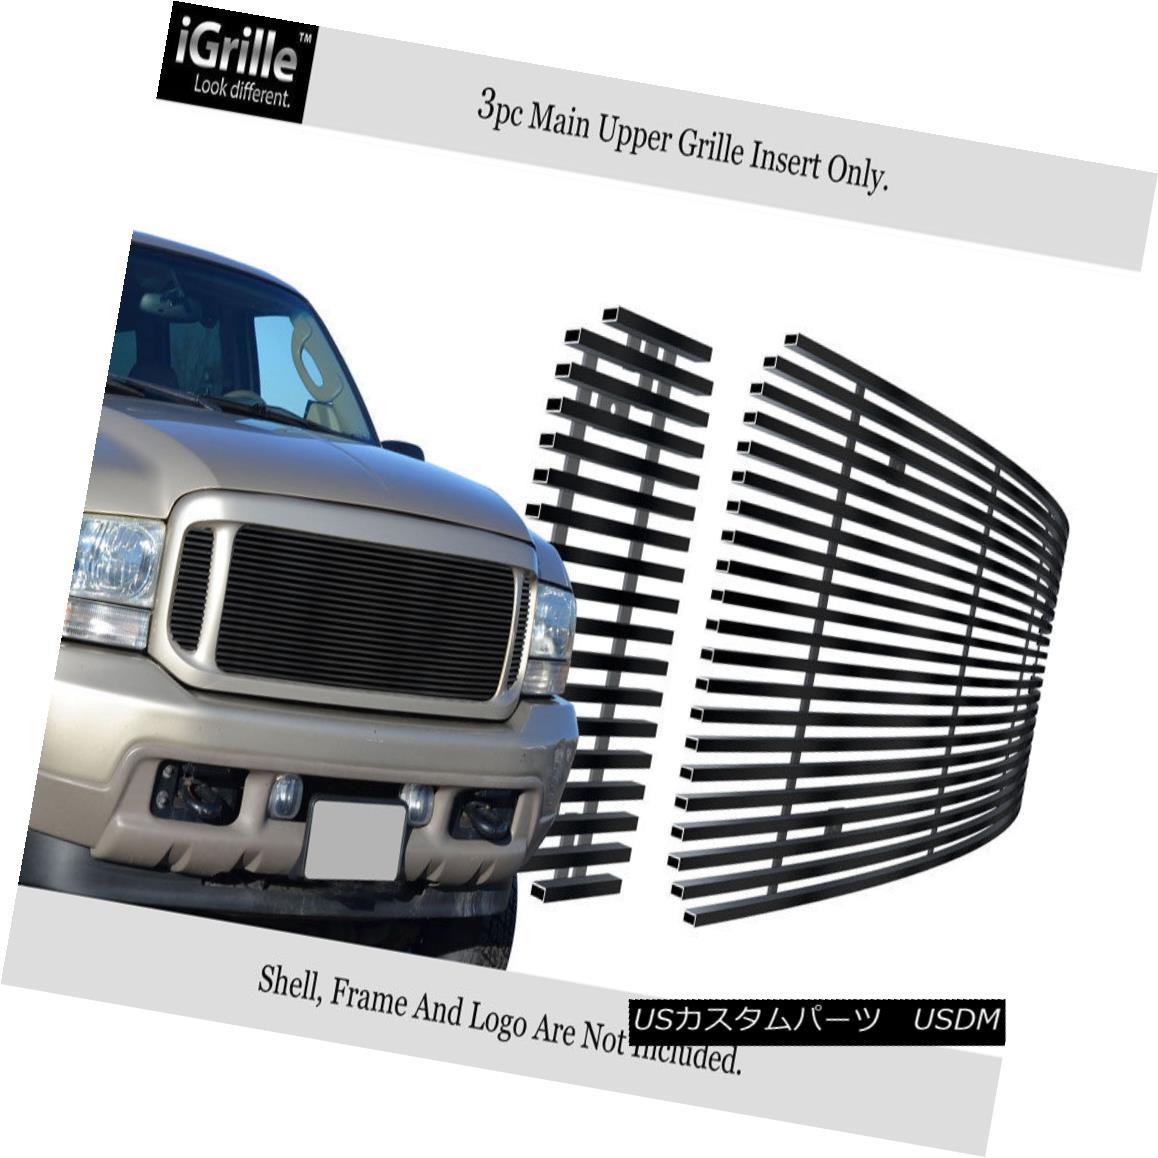 グリル Fits 99-04 Ford F250/F350/Super Duty/Excursion Black Stainless Billet Grille フィット99-04 Ford F250 / F350 / Supe rデューティー/エクスカーションブラックステンレスビレットグリル